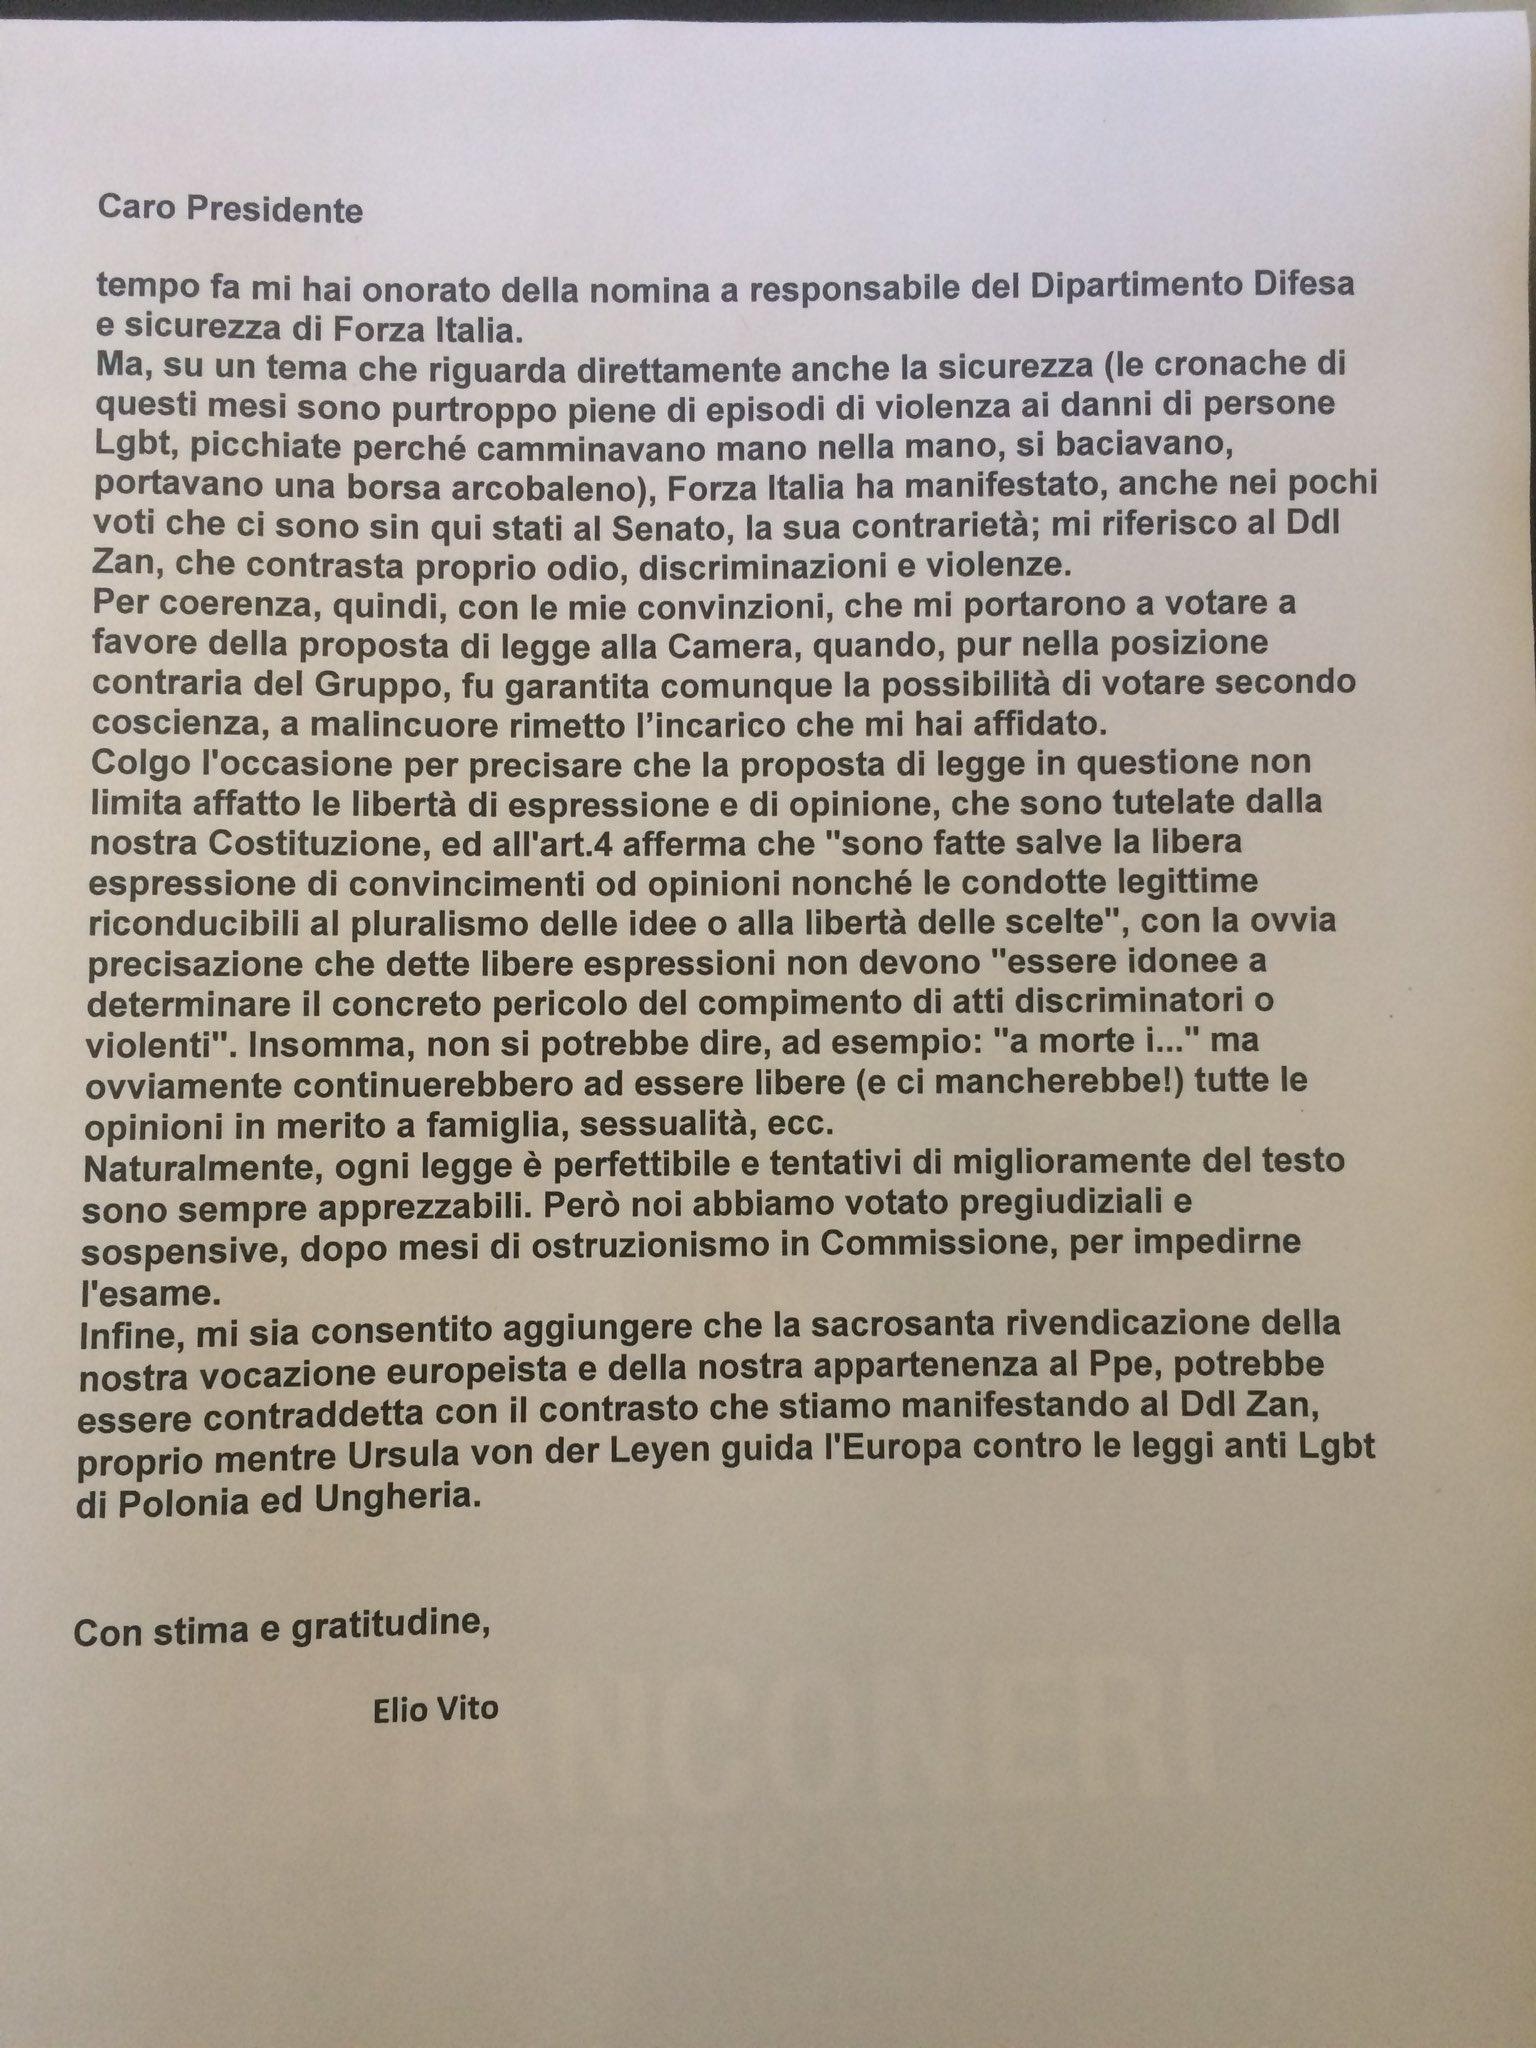 Stop al ddl Zan. Anche il governo Draghi ha perso. Scrive Elio Vito (FI)